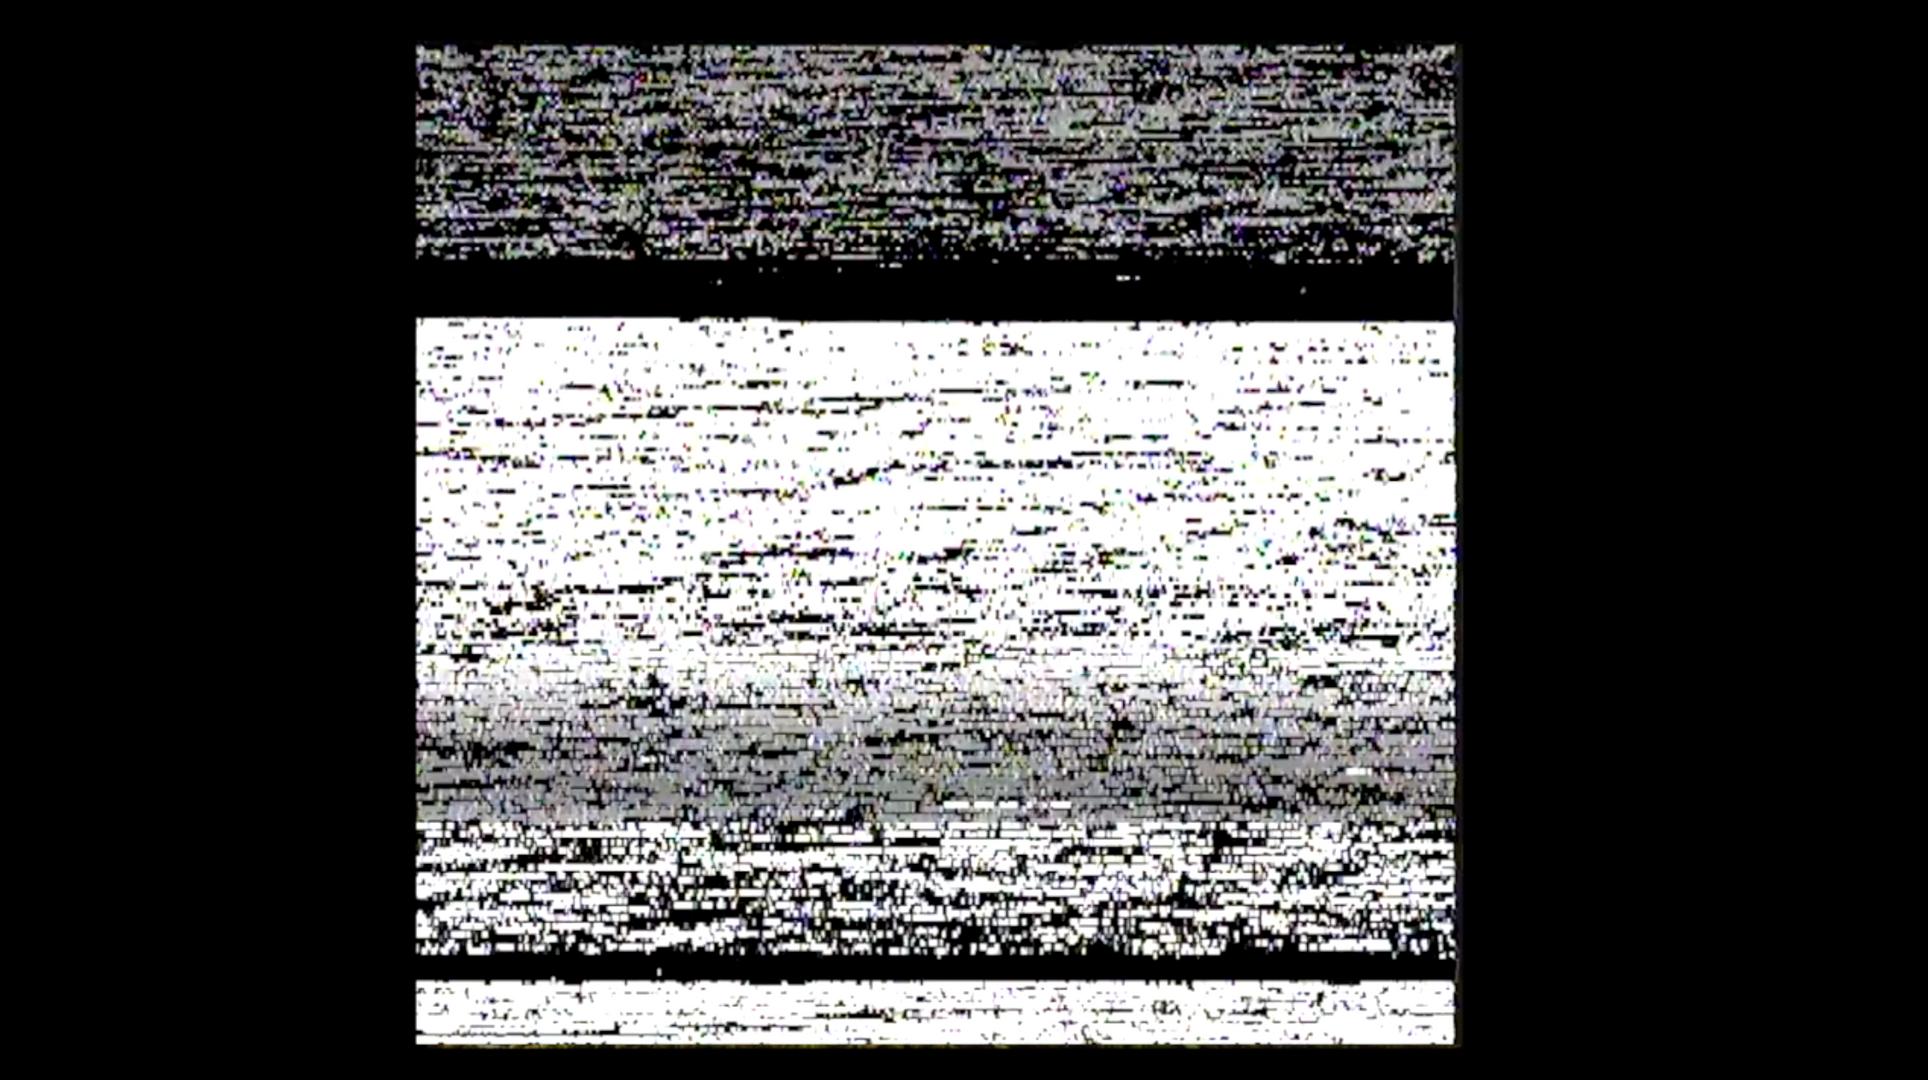 Screenshot 2020-10-16 at 23.49.40.png